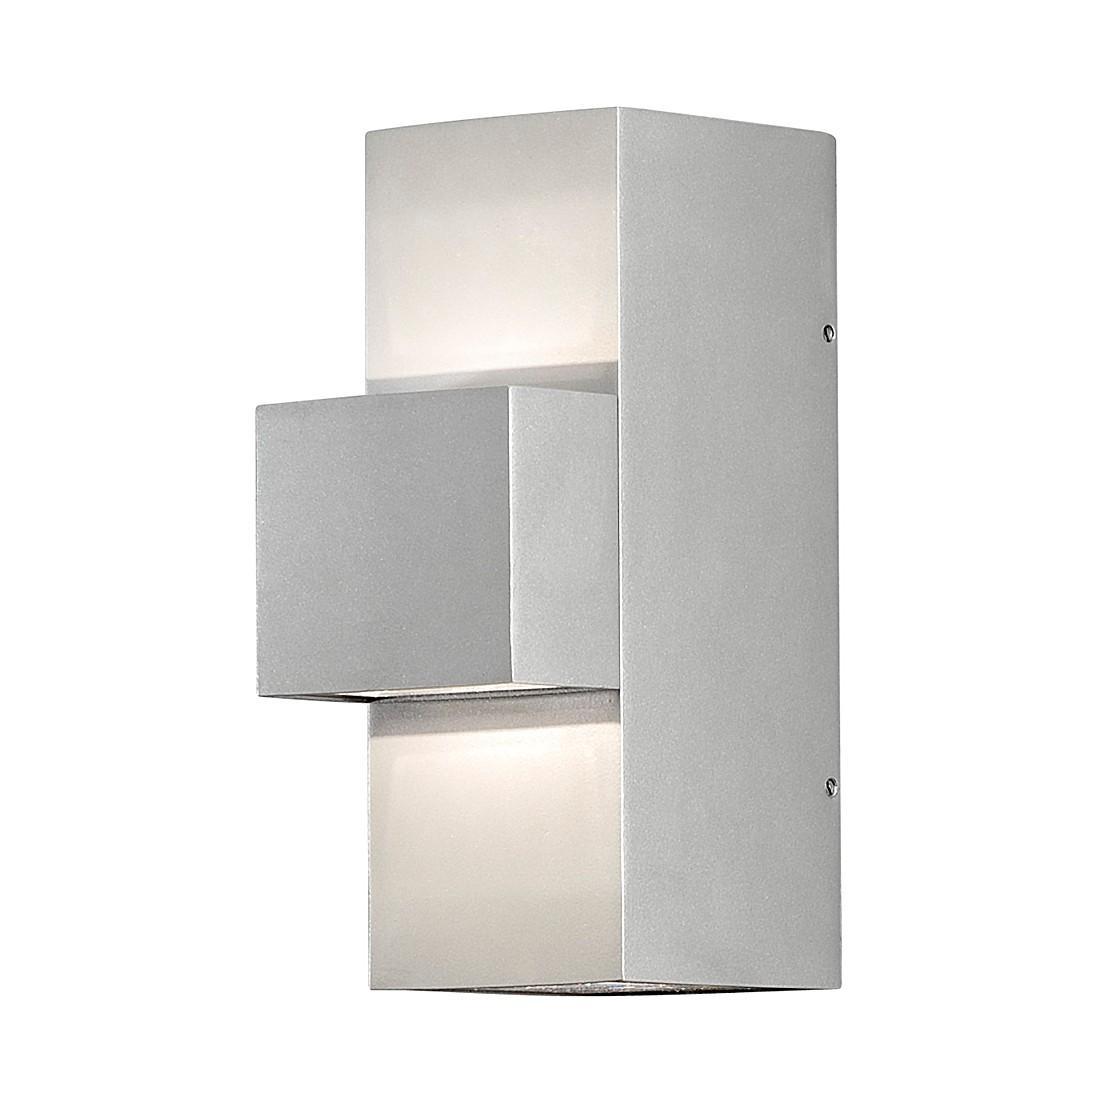 EEK A+, LED Wandleuchte Imola Style III – Aluminium/Kunststoff – 3-flammig, Konstsmide jetzt kaufen